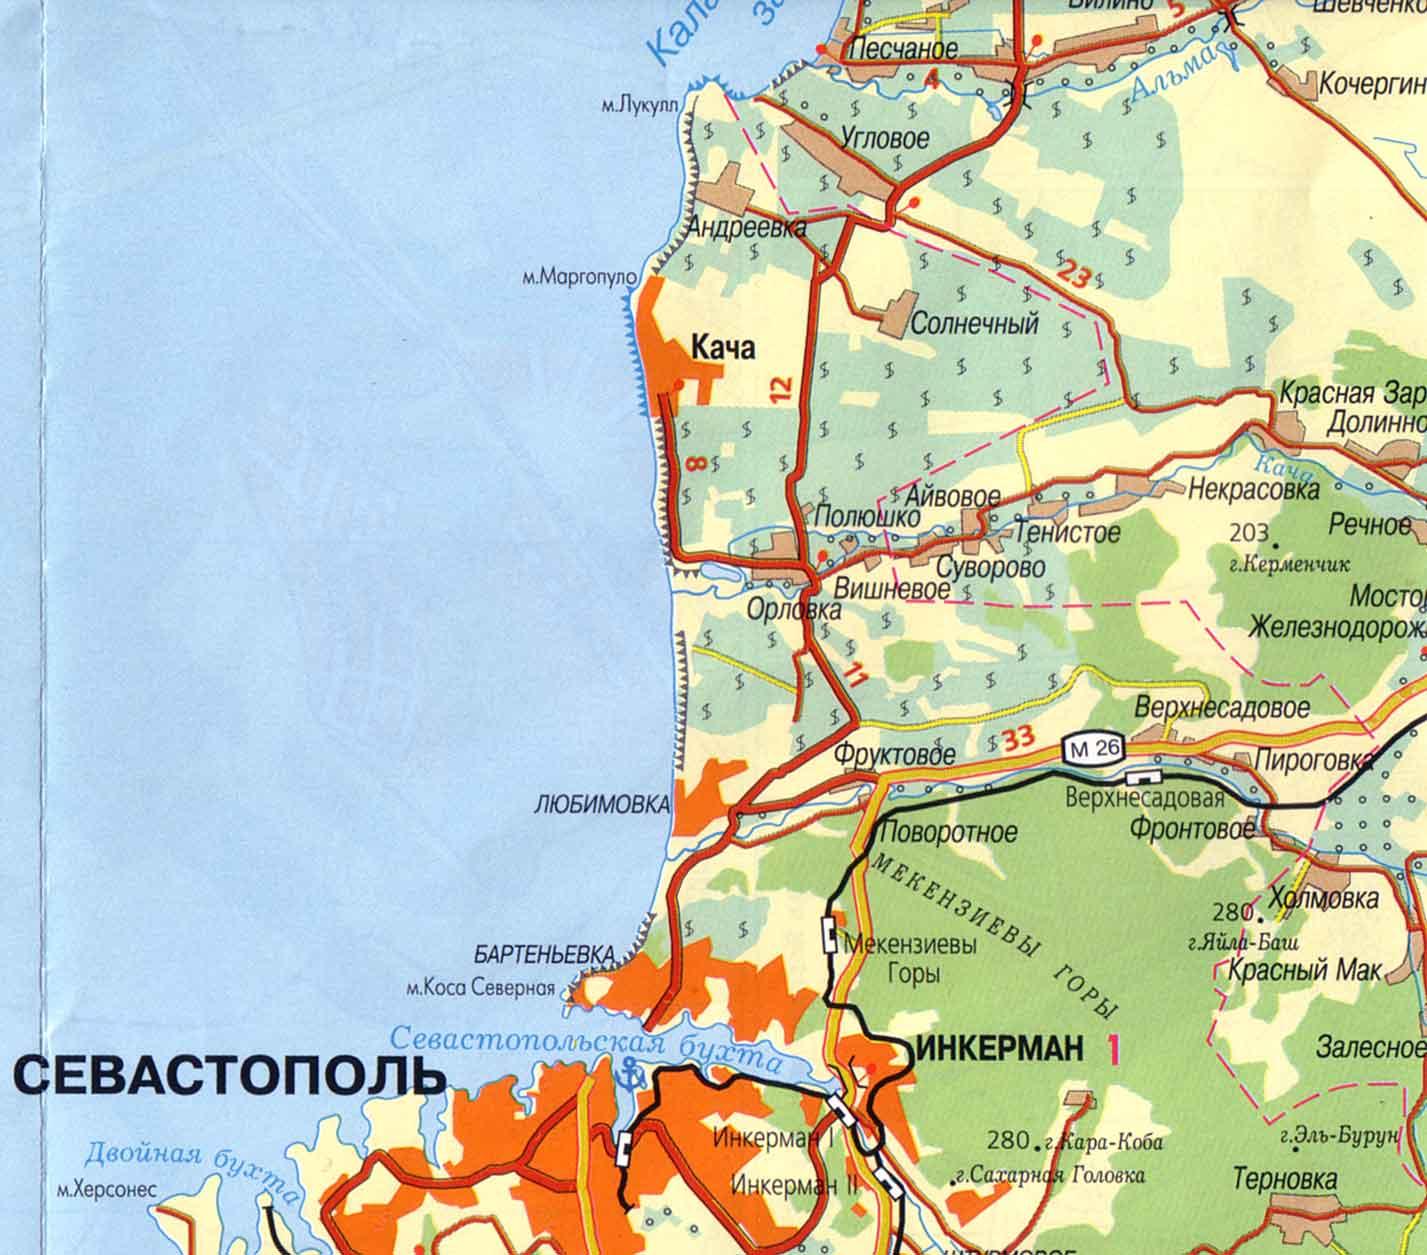 Топрографические карты Крыма.  Карта схема Крымского побережья.